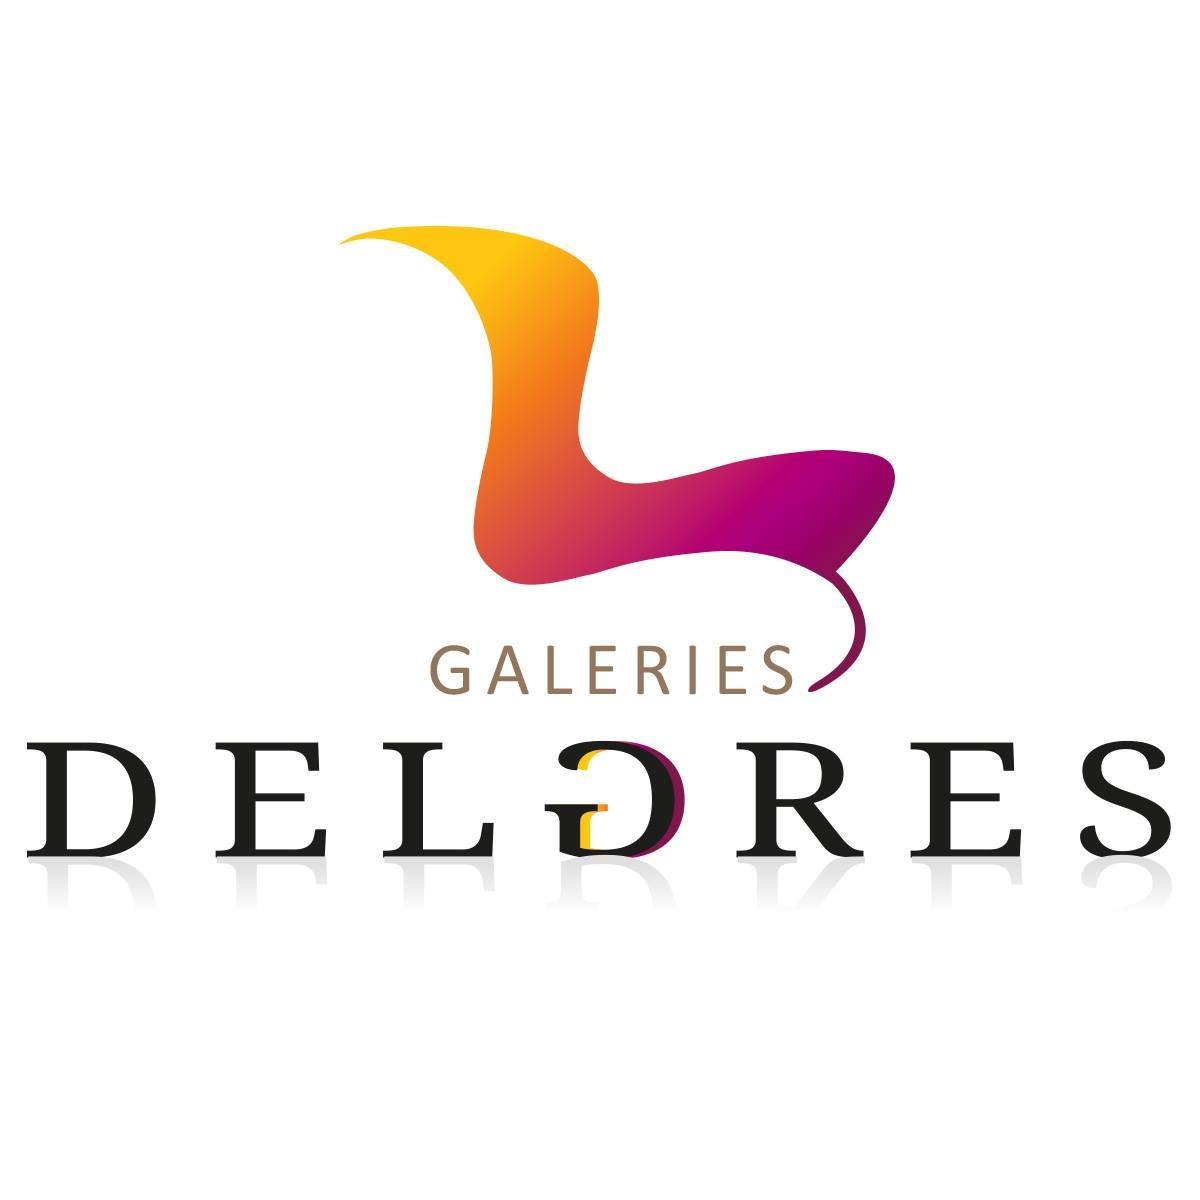 Galeries Delgrès